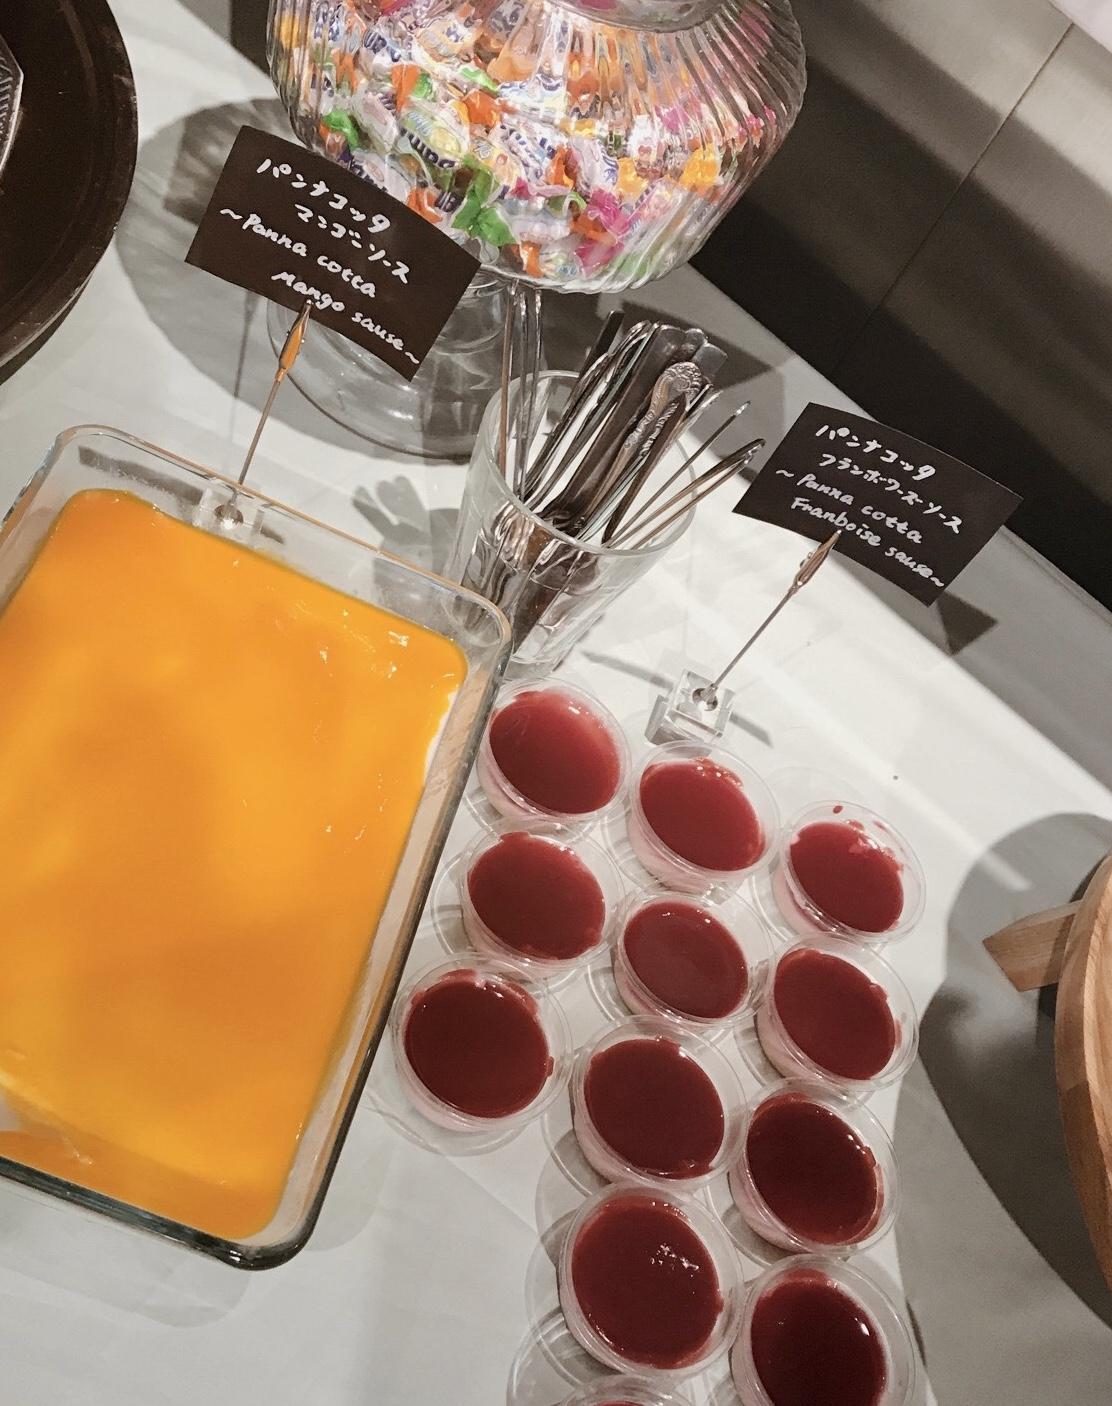 パンナコッタは甘いマンゴーと酸味のあるフランボワーズ(ラズベリー)のソースで。